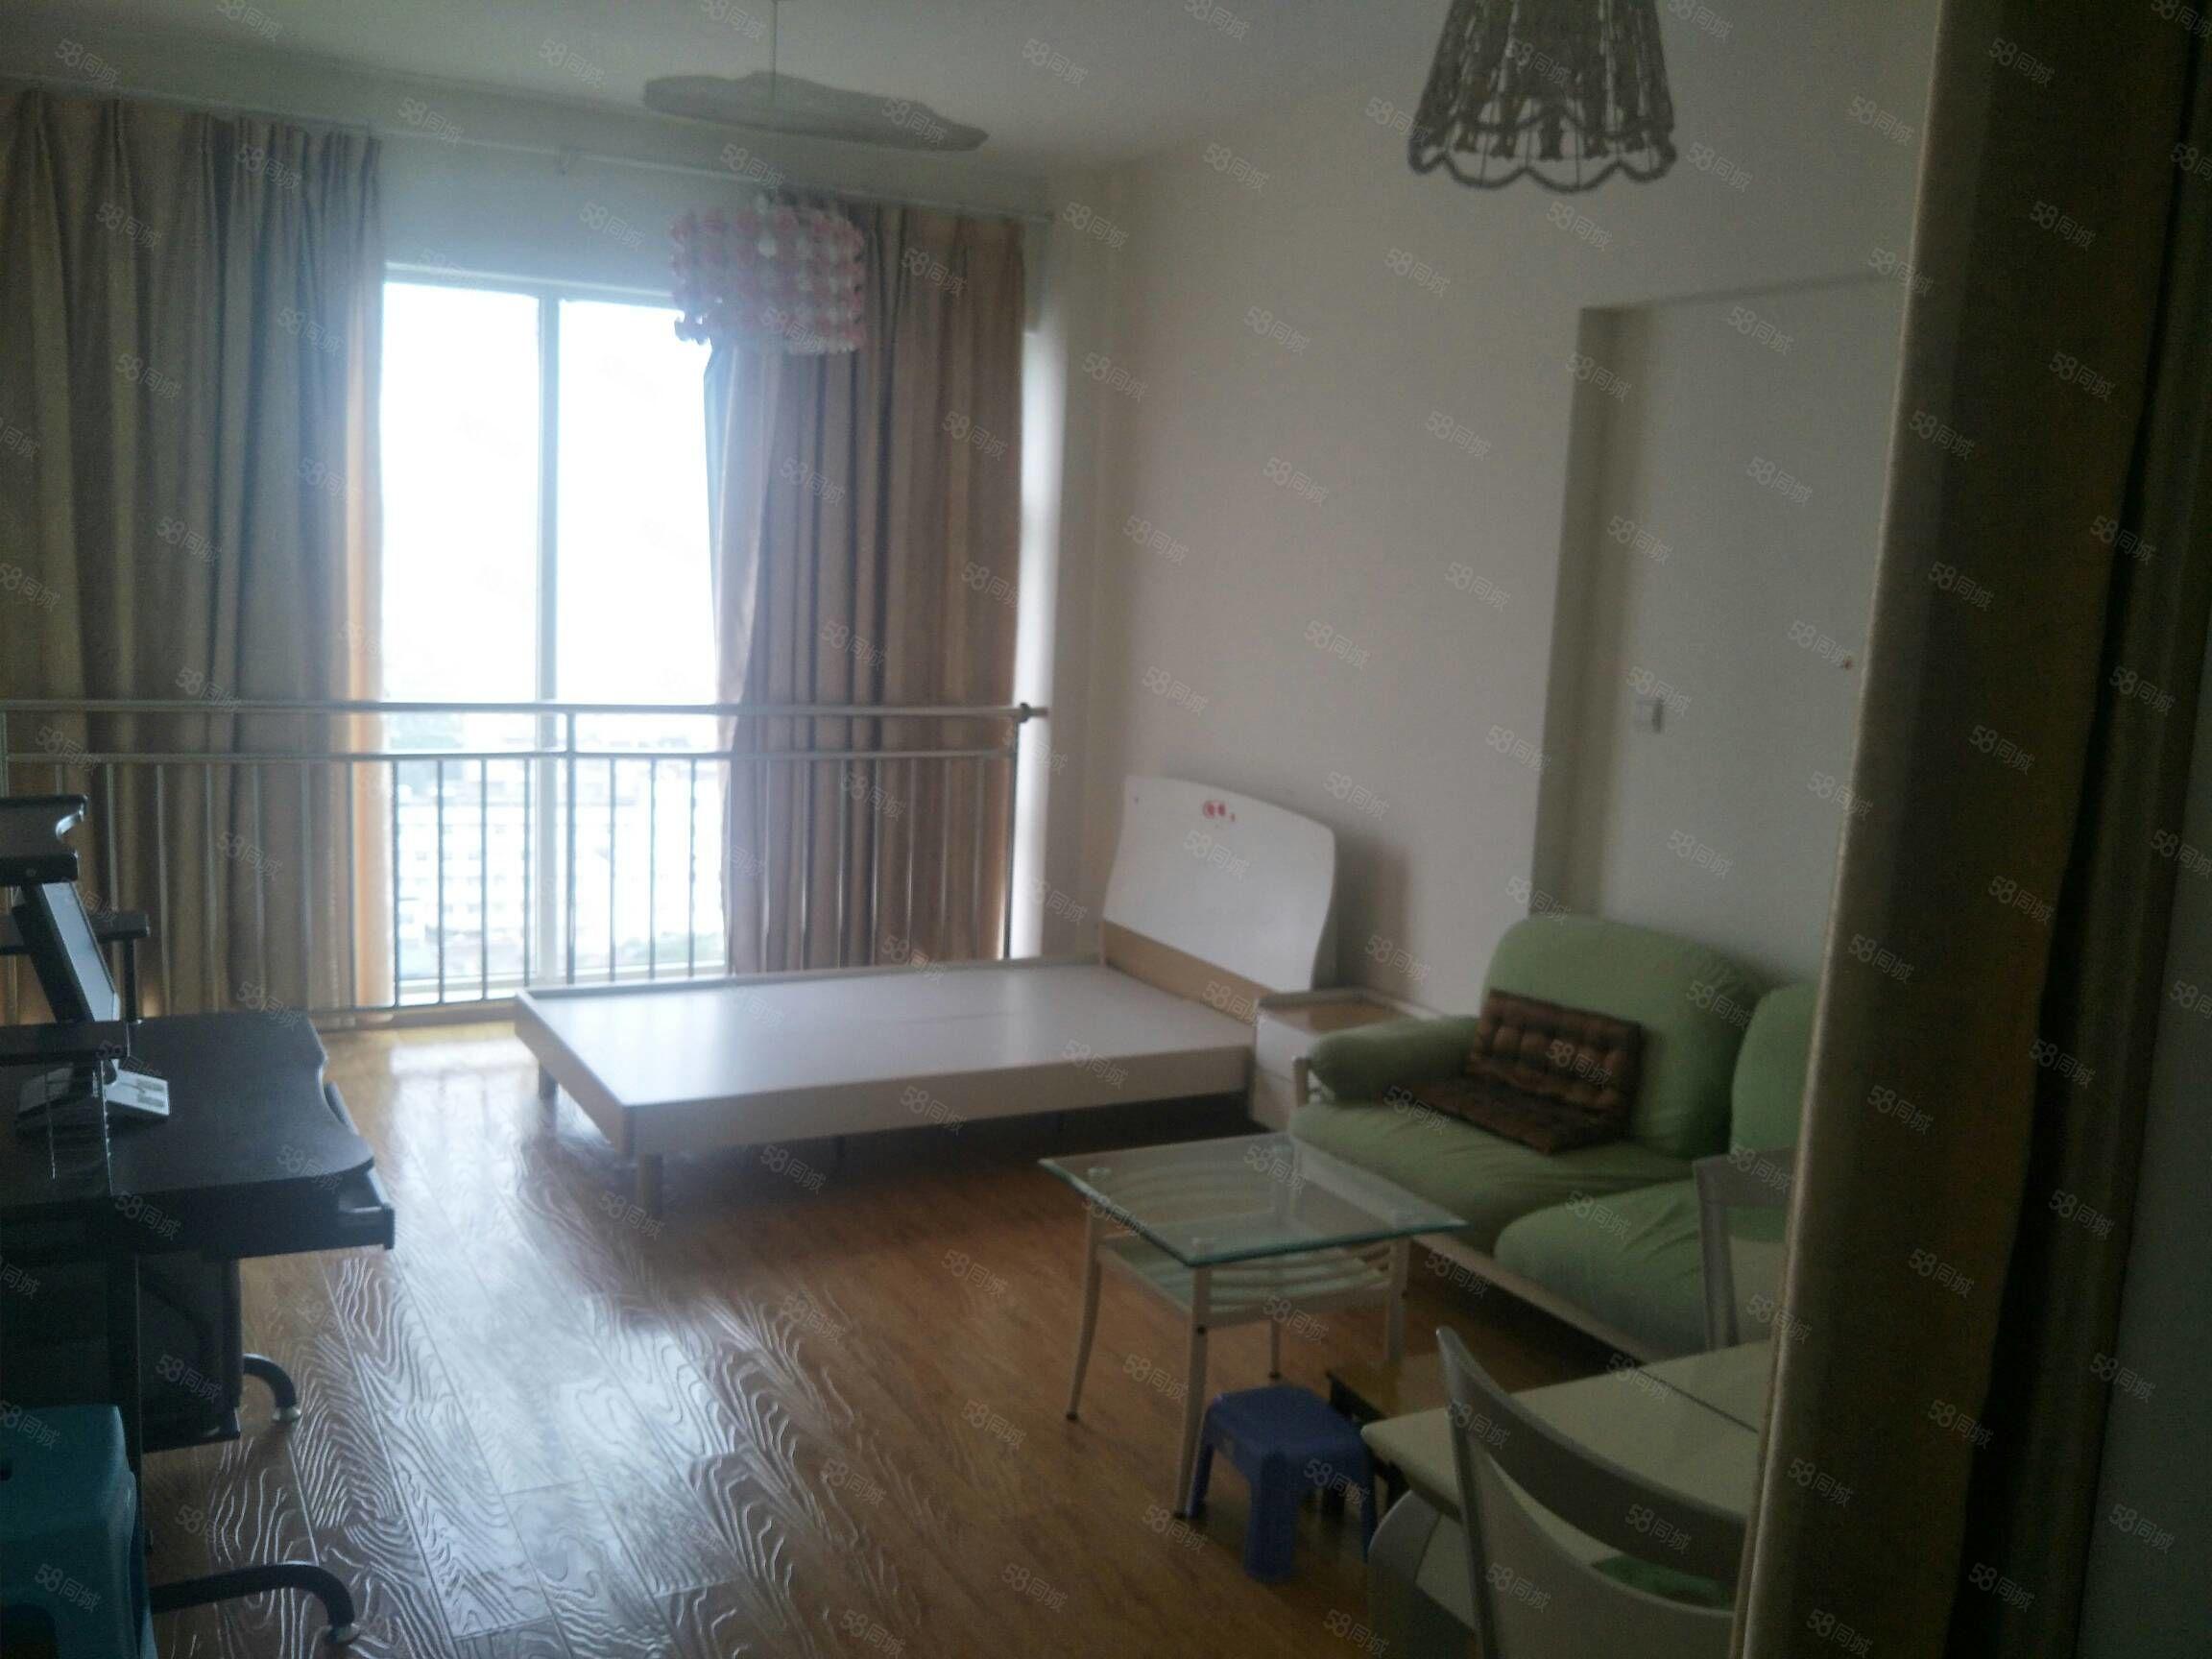 市中心惠丰新城和园,精装两房,家具家电齐全,满两年